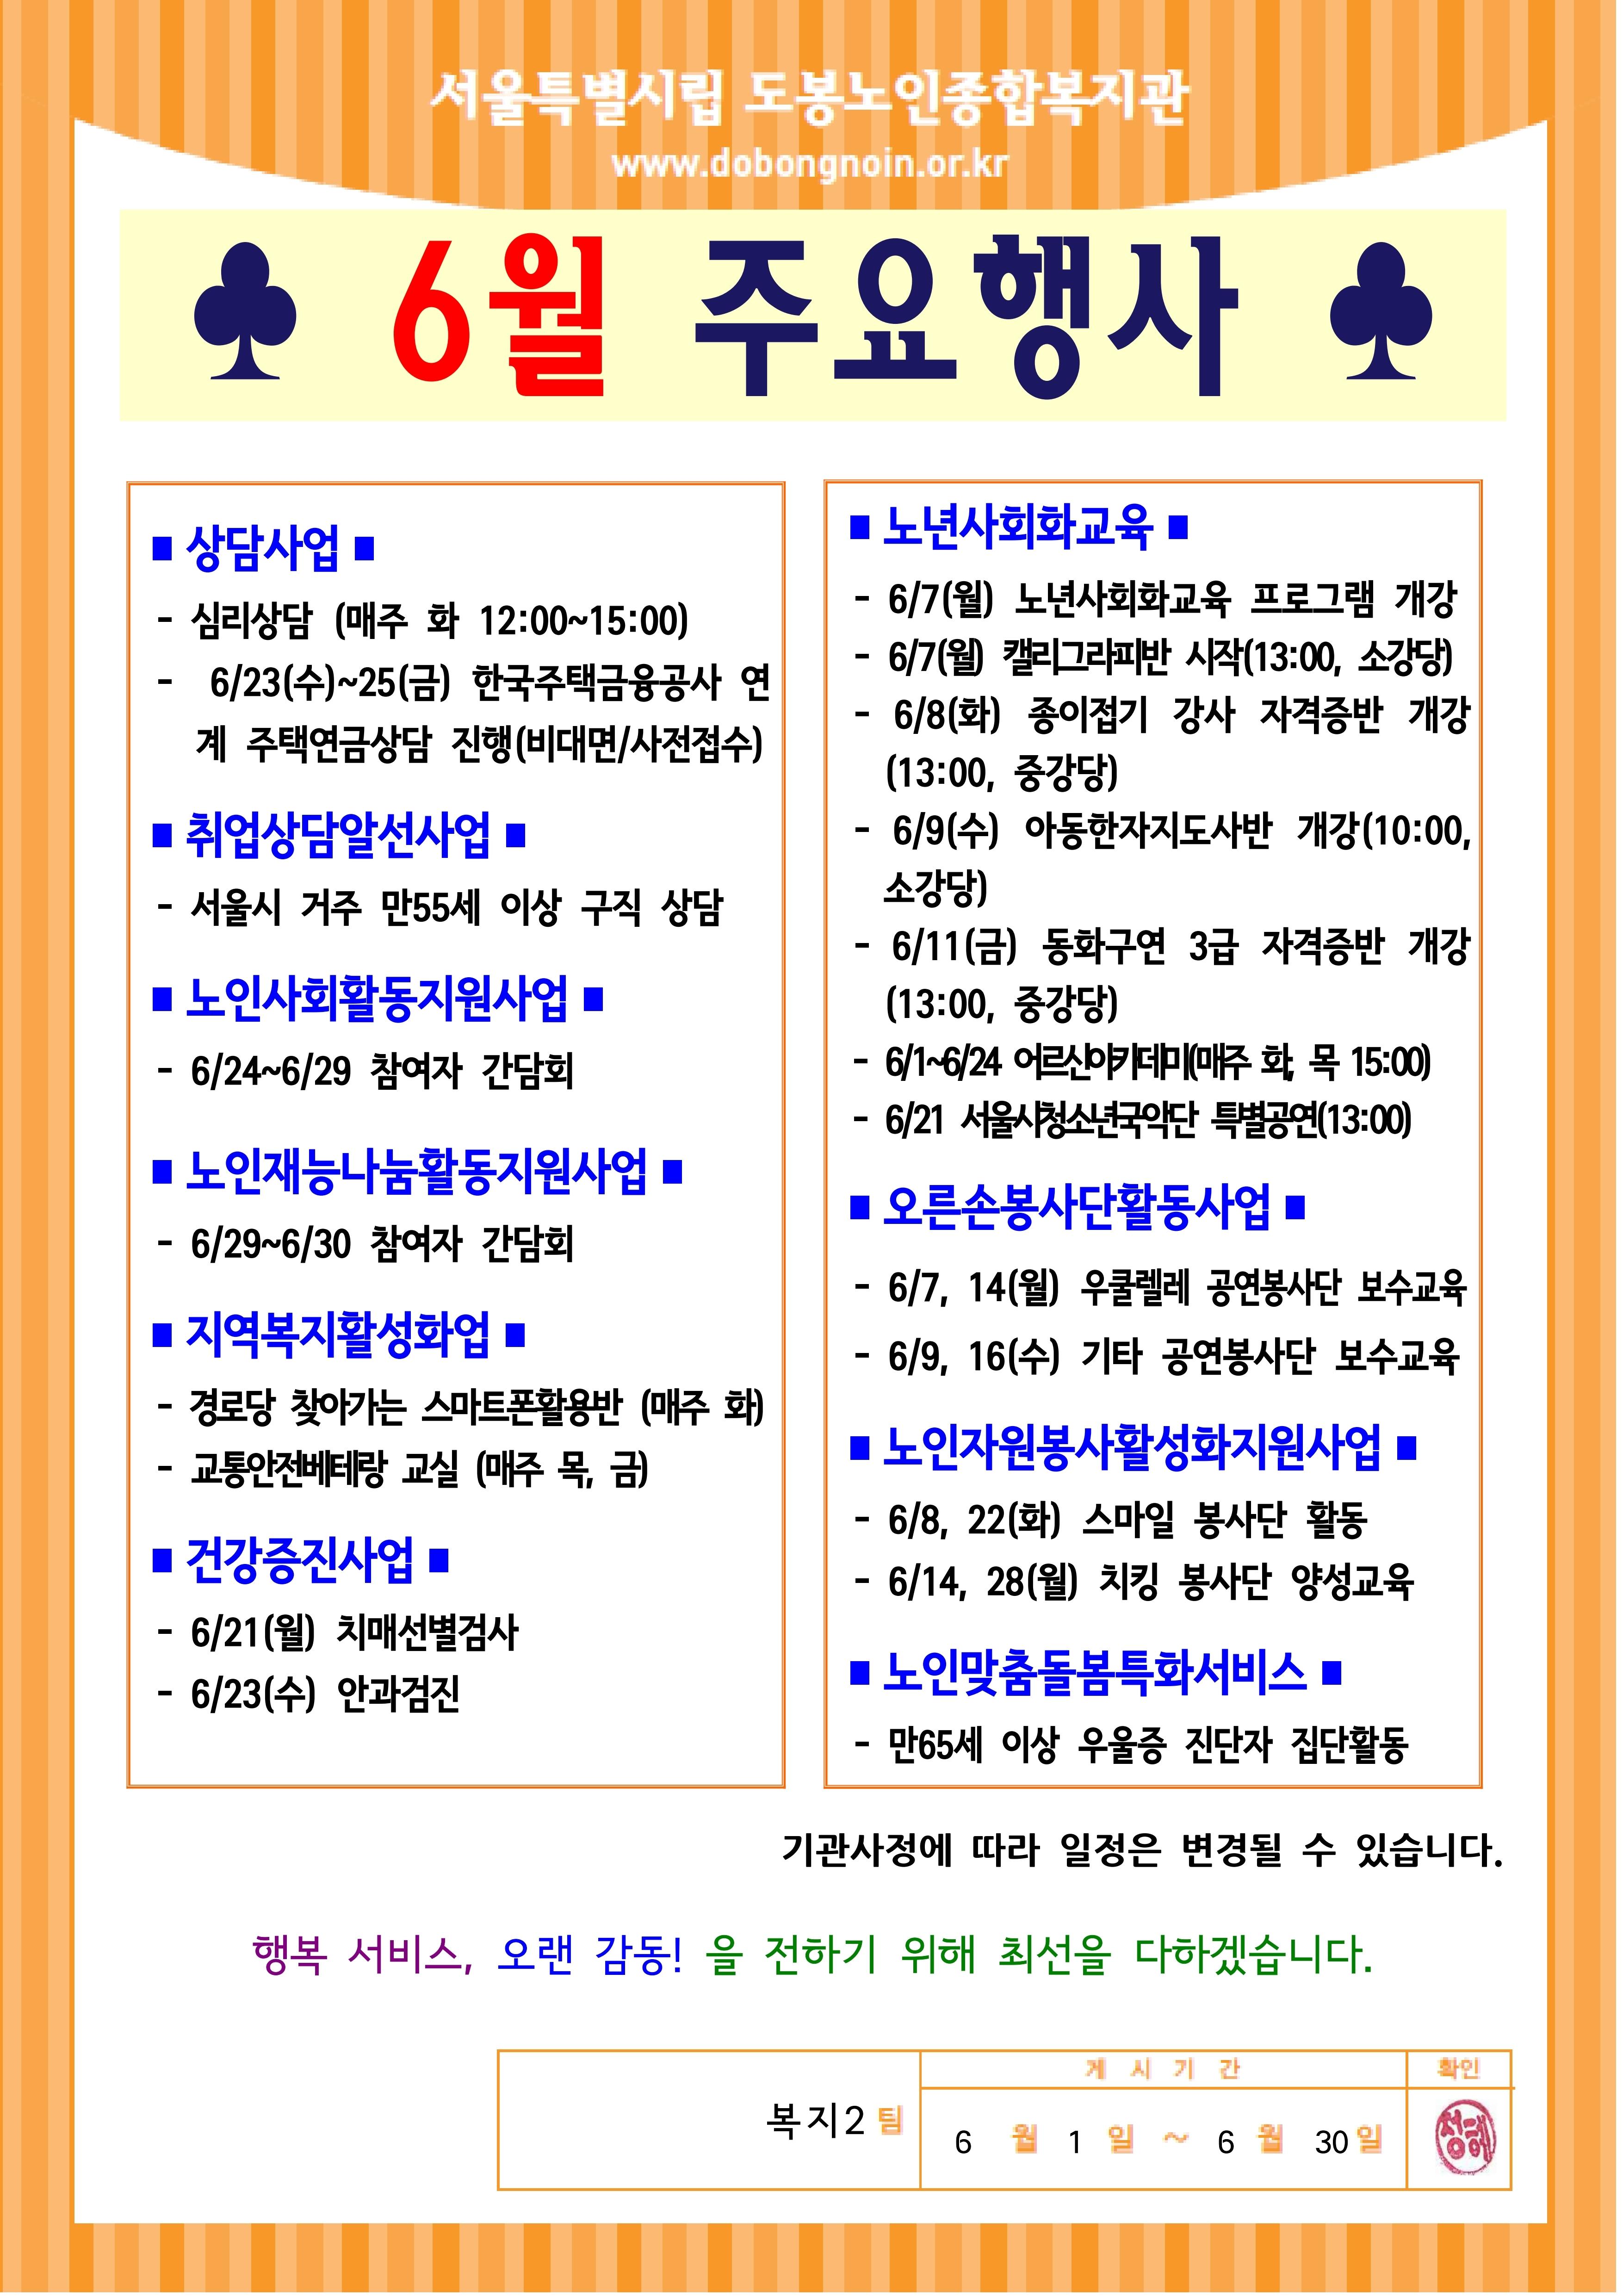 도봉노인종합복지관 6월 행사 일정.jpg